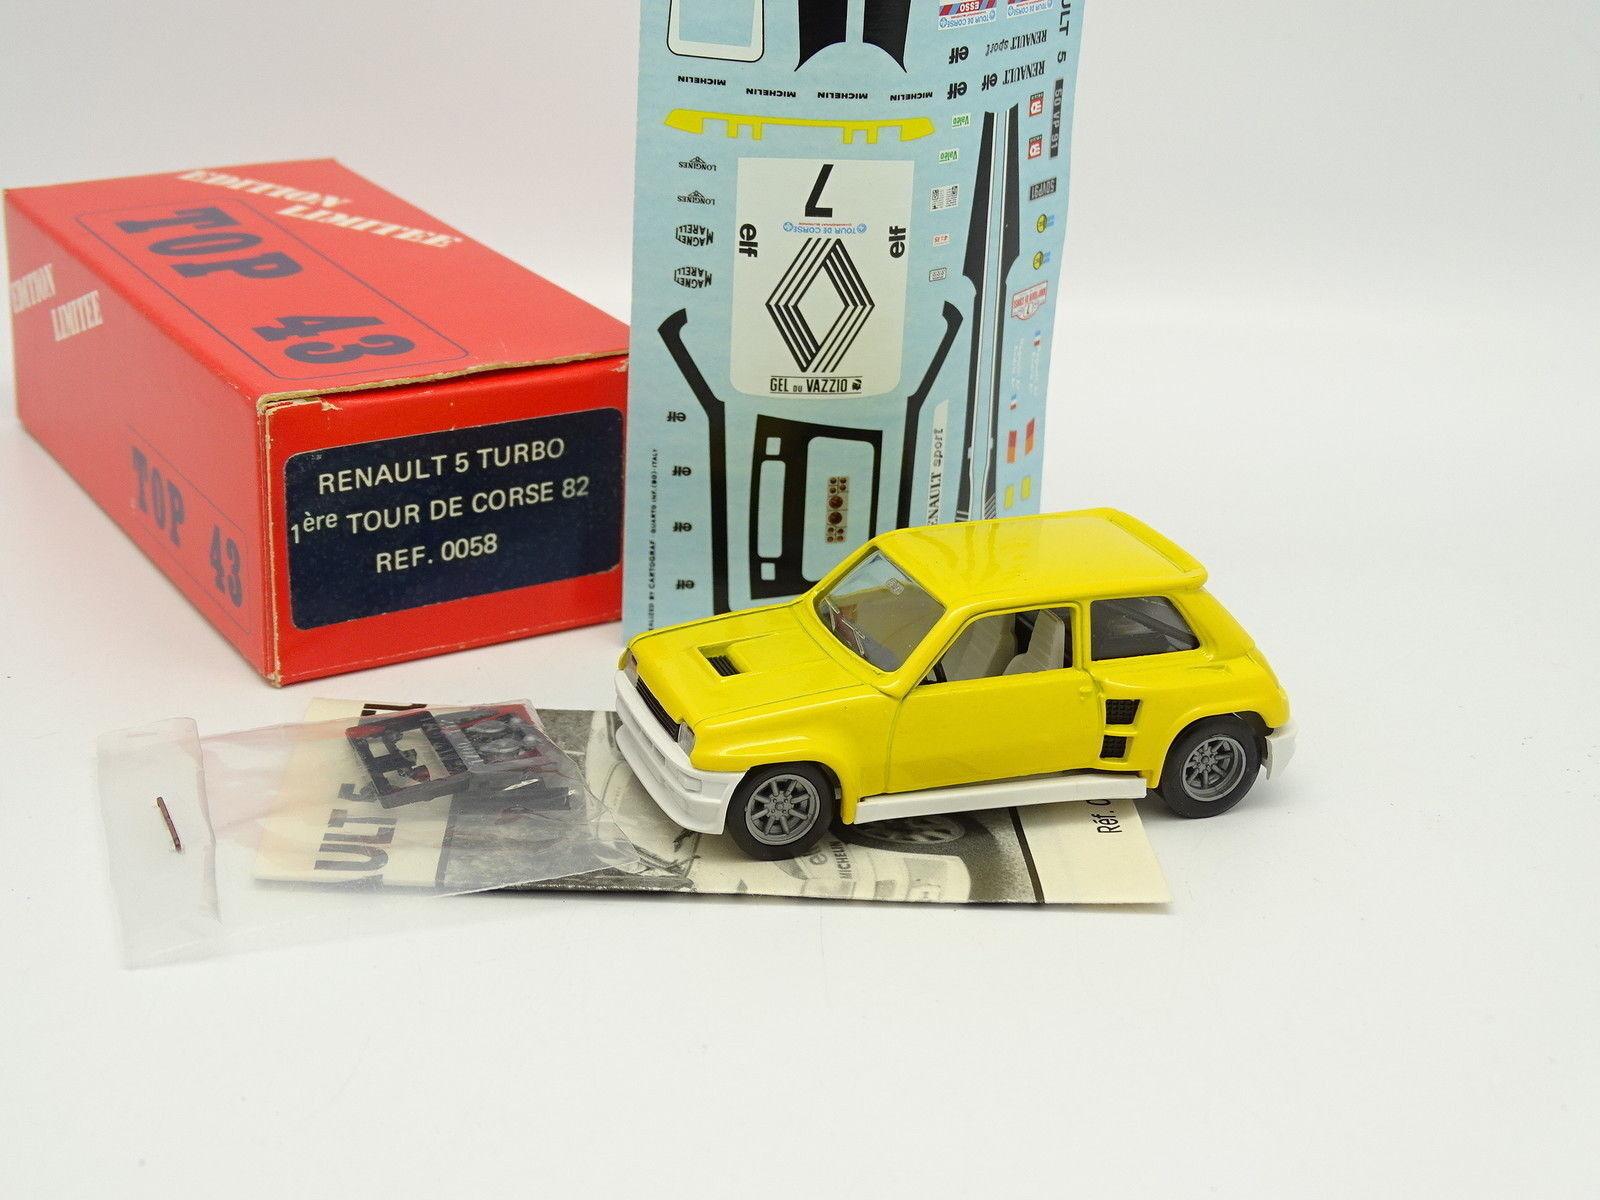 TOP 43 Kit à Monter 1 43 - Renault 5 Turbo Winner Tour de Corse 1982